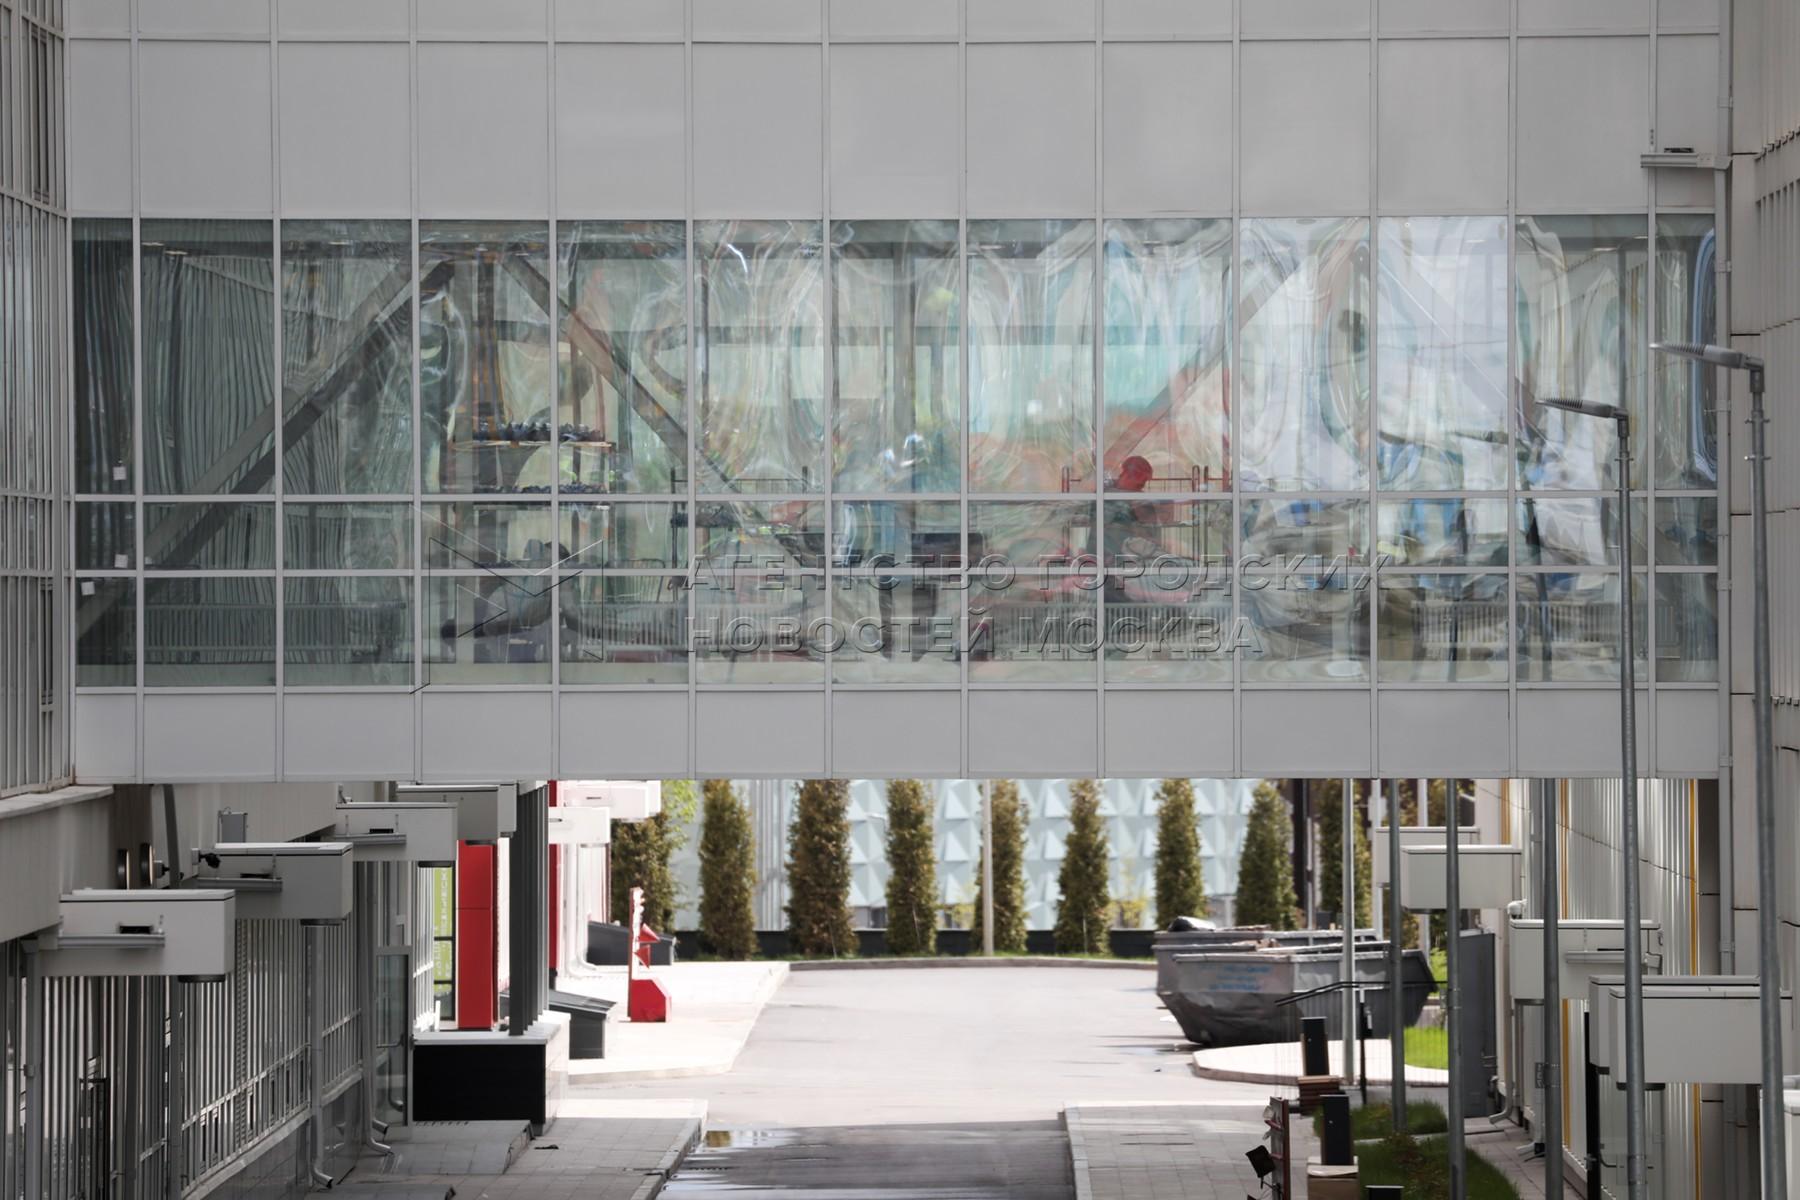 Карантинный центр в многопрофильном медицинском центре «Новомосковский».